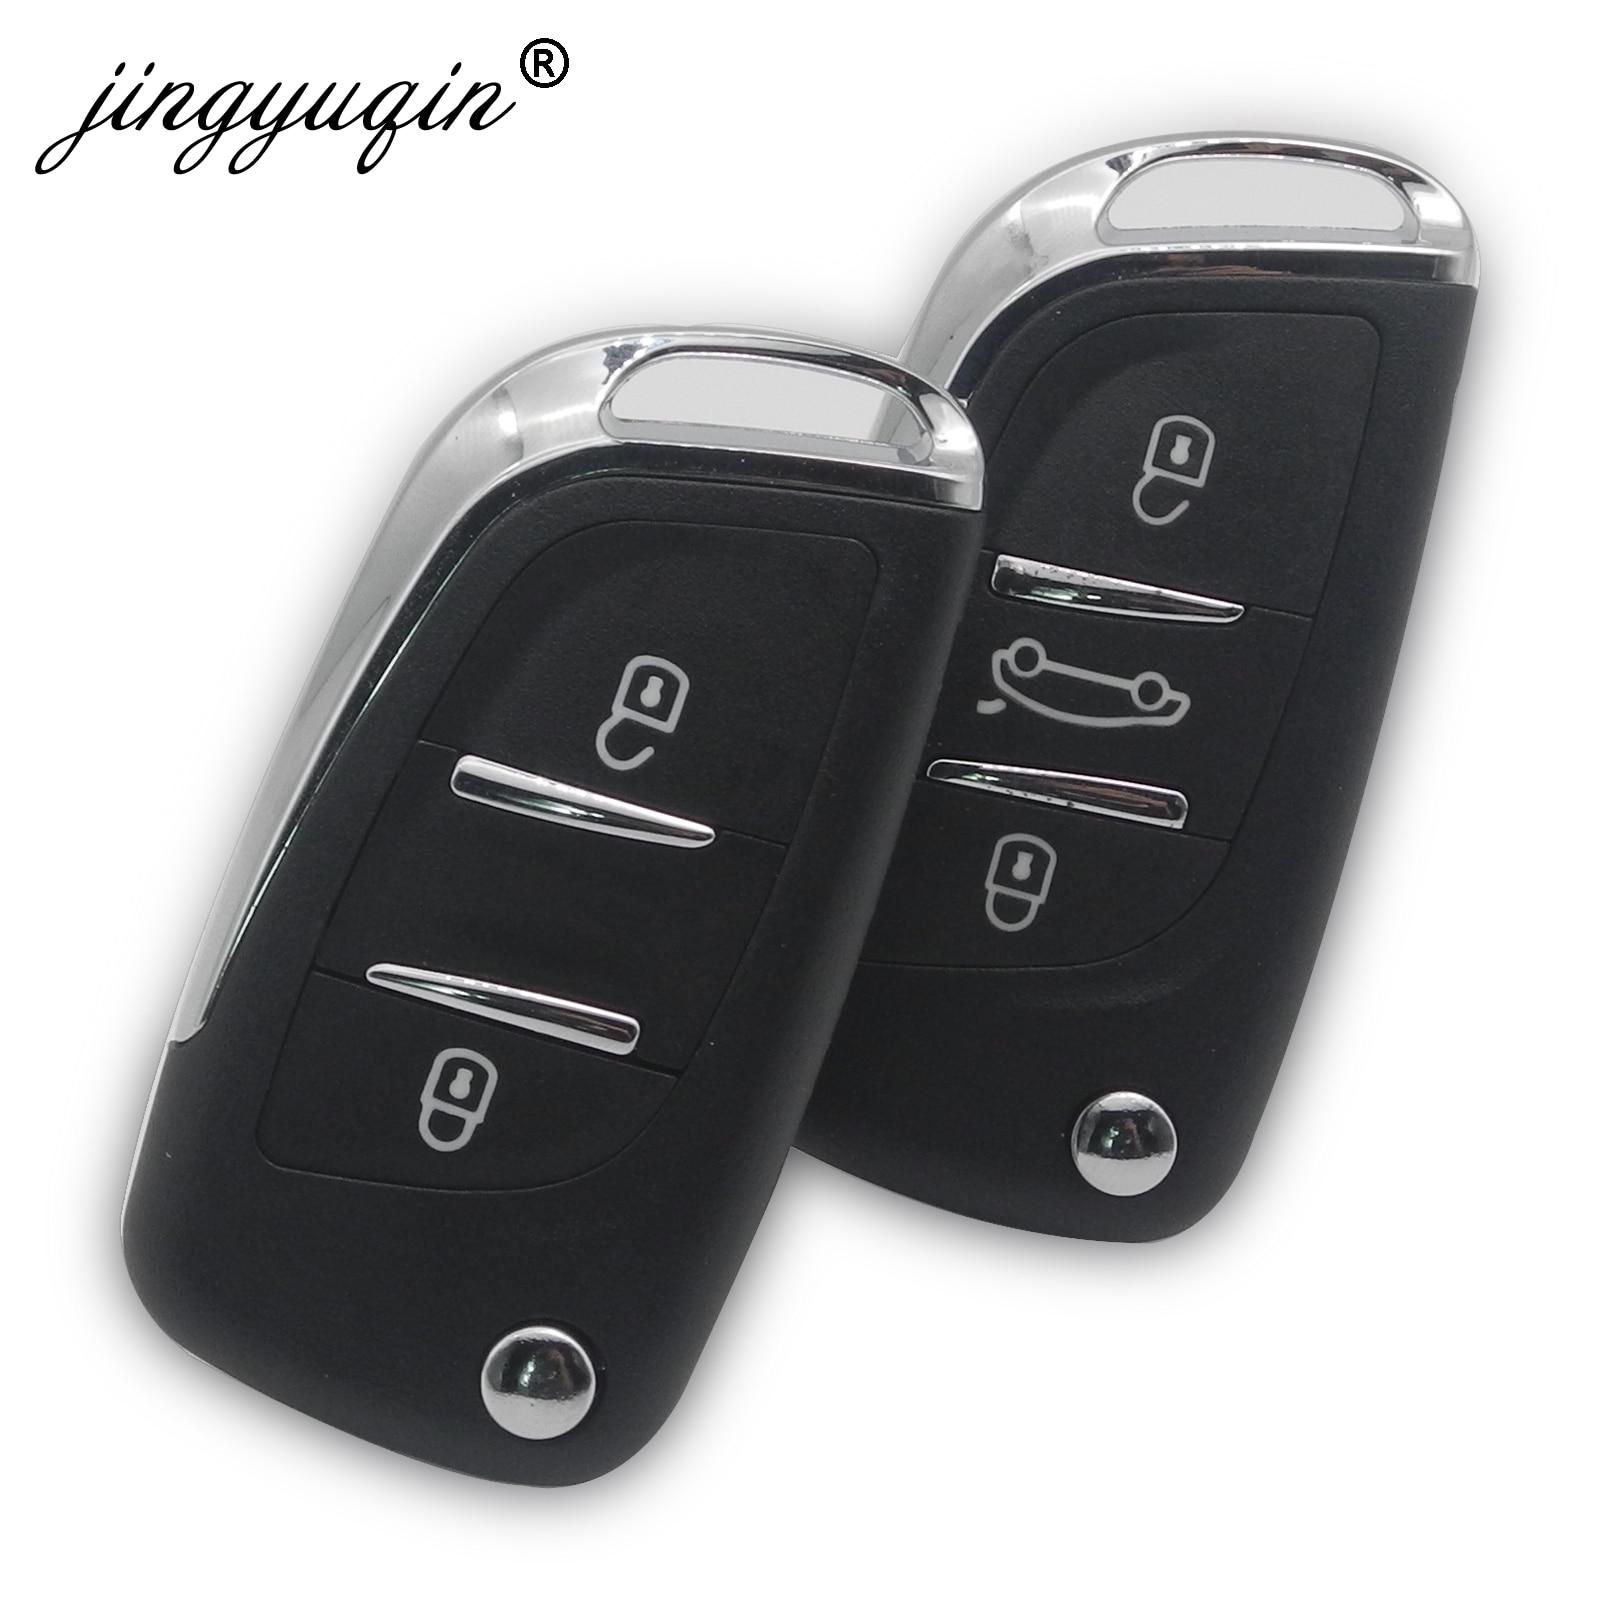 Jingyuqin VA2/HCA modificado 2/3BTN plegable coche remoto clave Shell para Citroen C5 C4 escotilla Coupe VTR c6 C8 C2 Berlingo Xsara Picasso